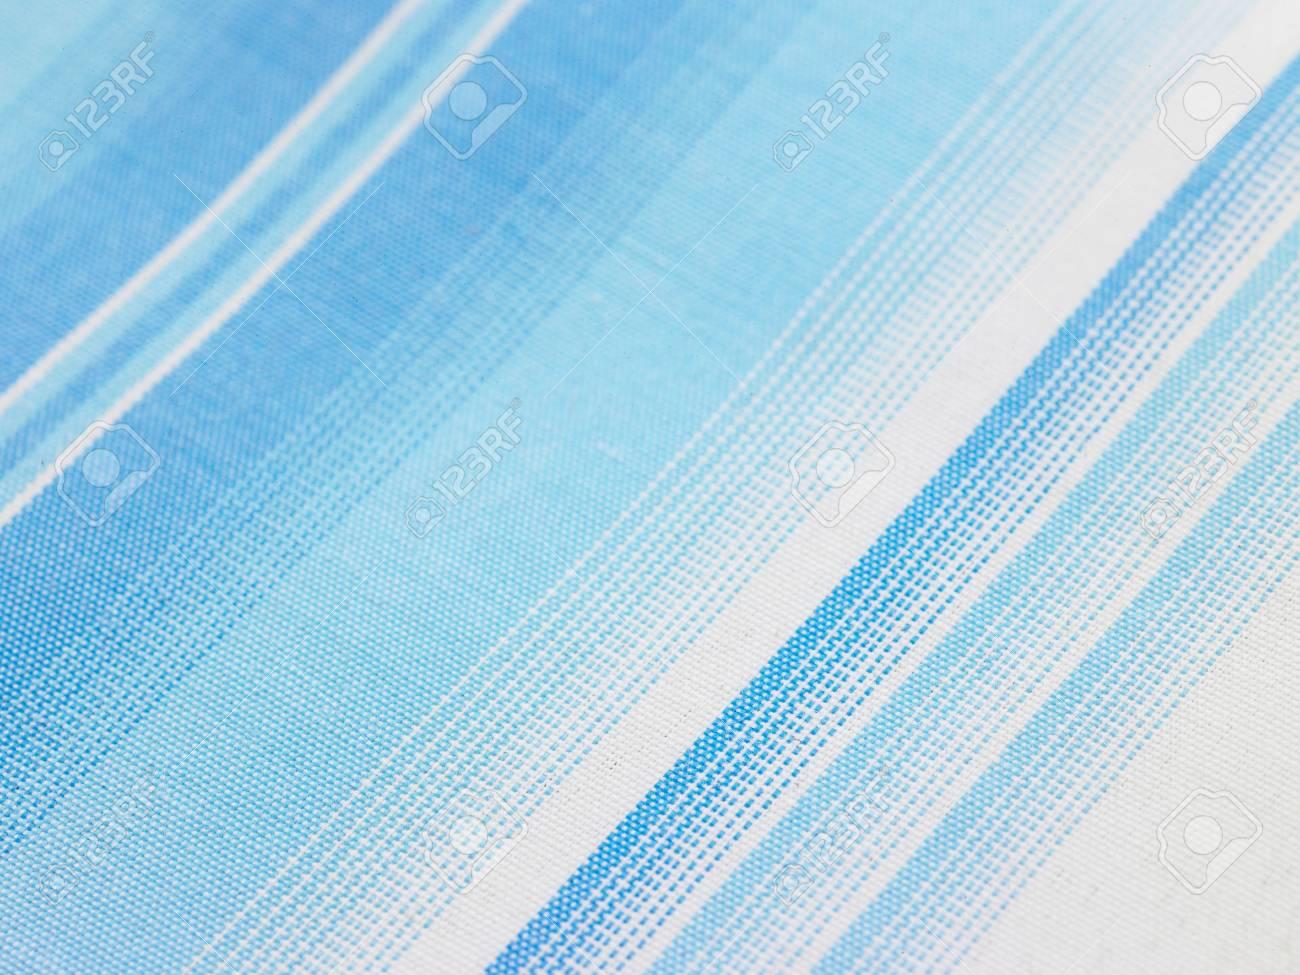 Blue background Stock Photo - 4629564